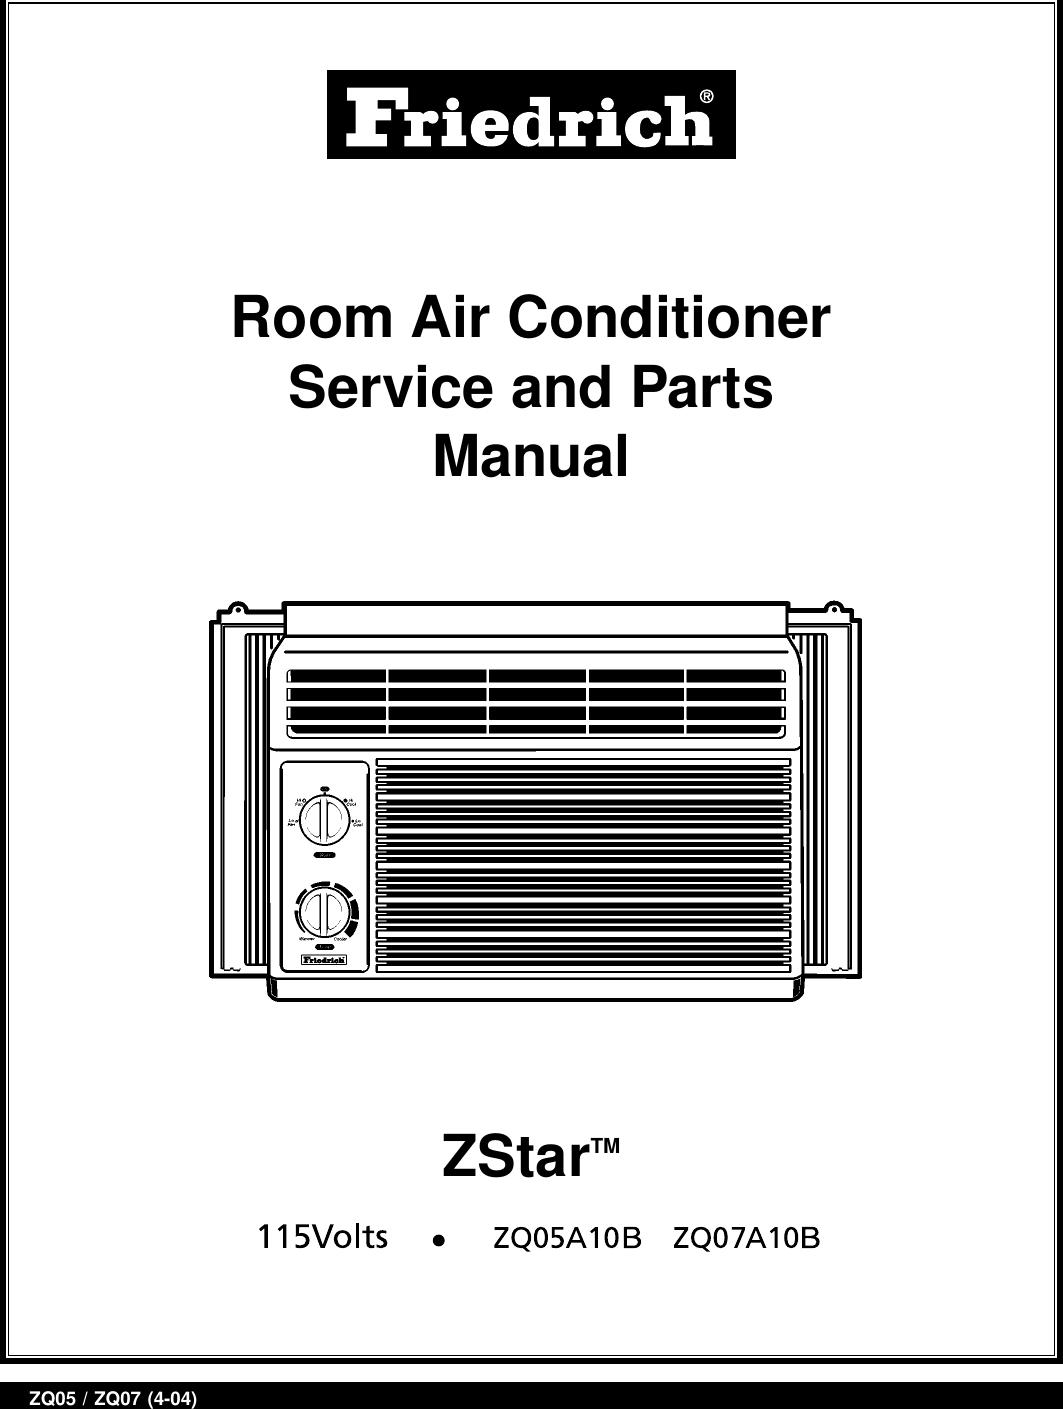 Friedrich Zq05a10b User Manual To The 03e9fb0d C690 4c15 A807 Thermostat Wiring Diagram Fc1321c2e6da